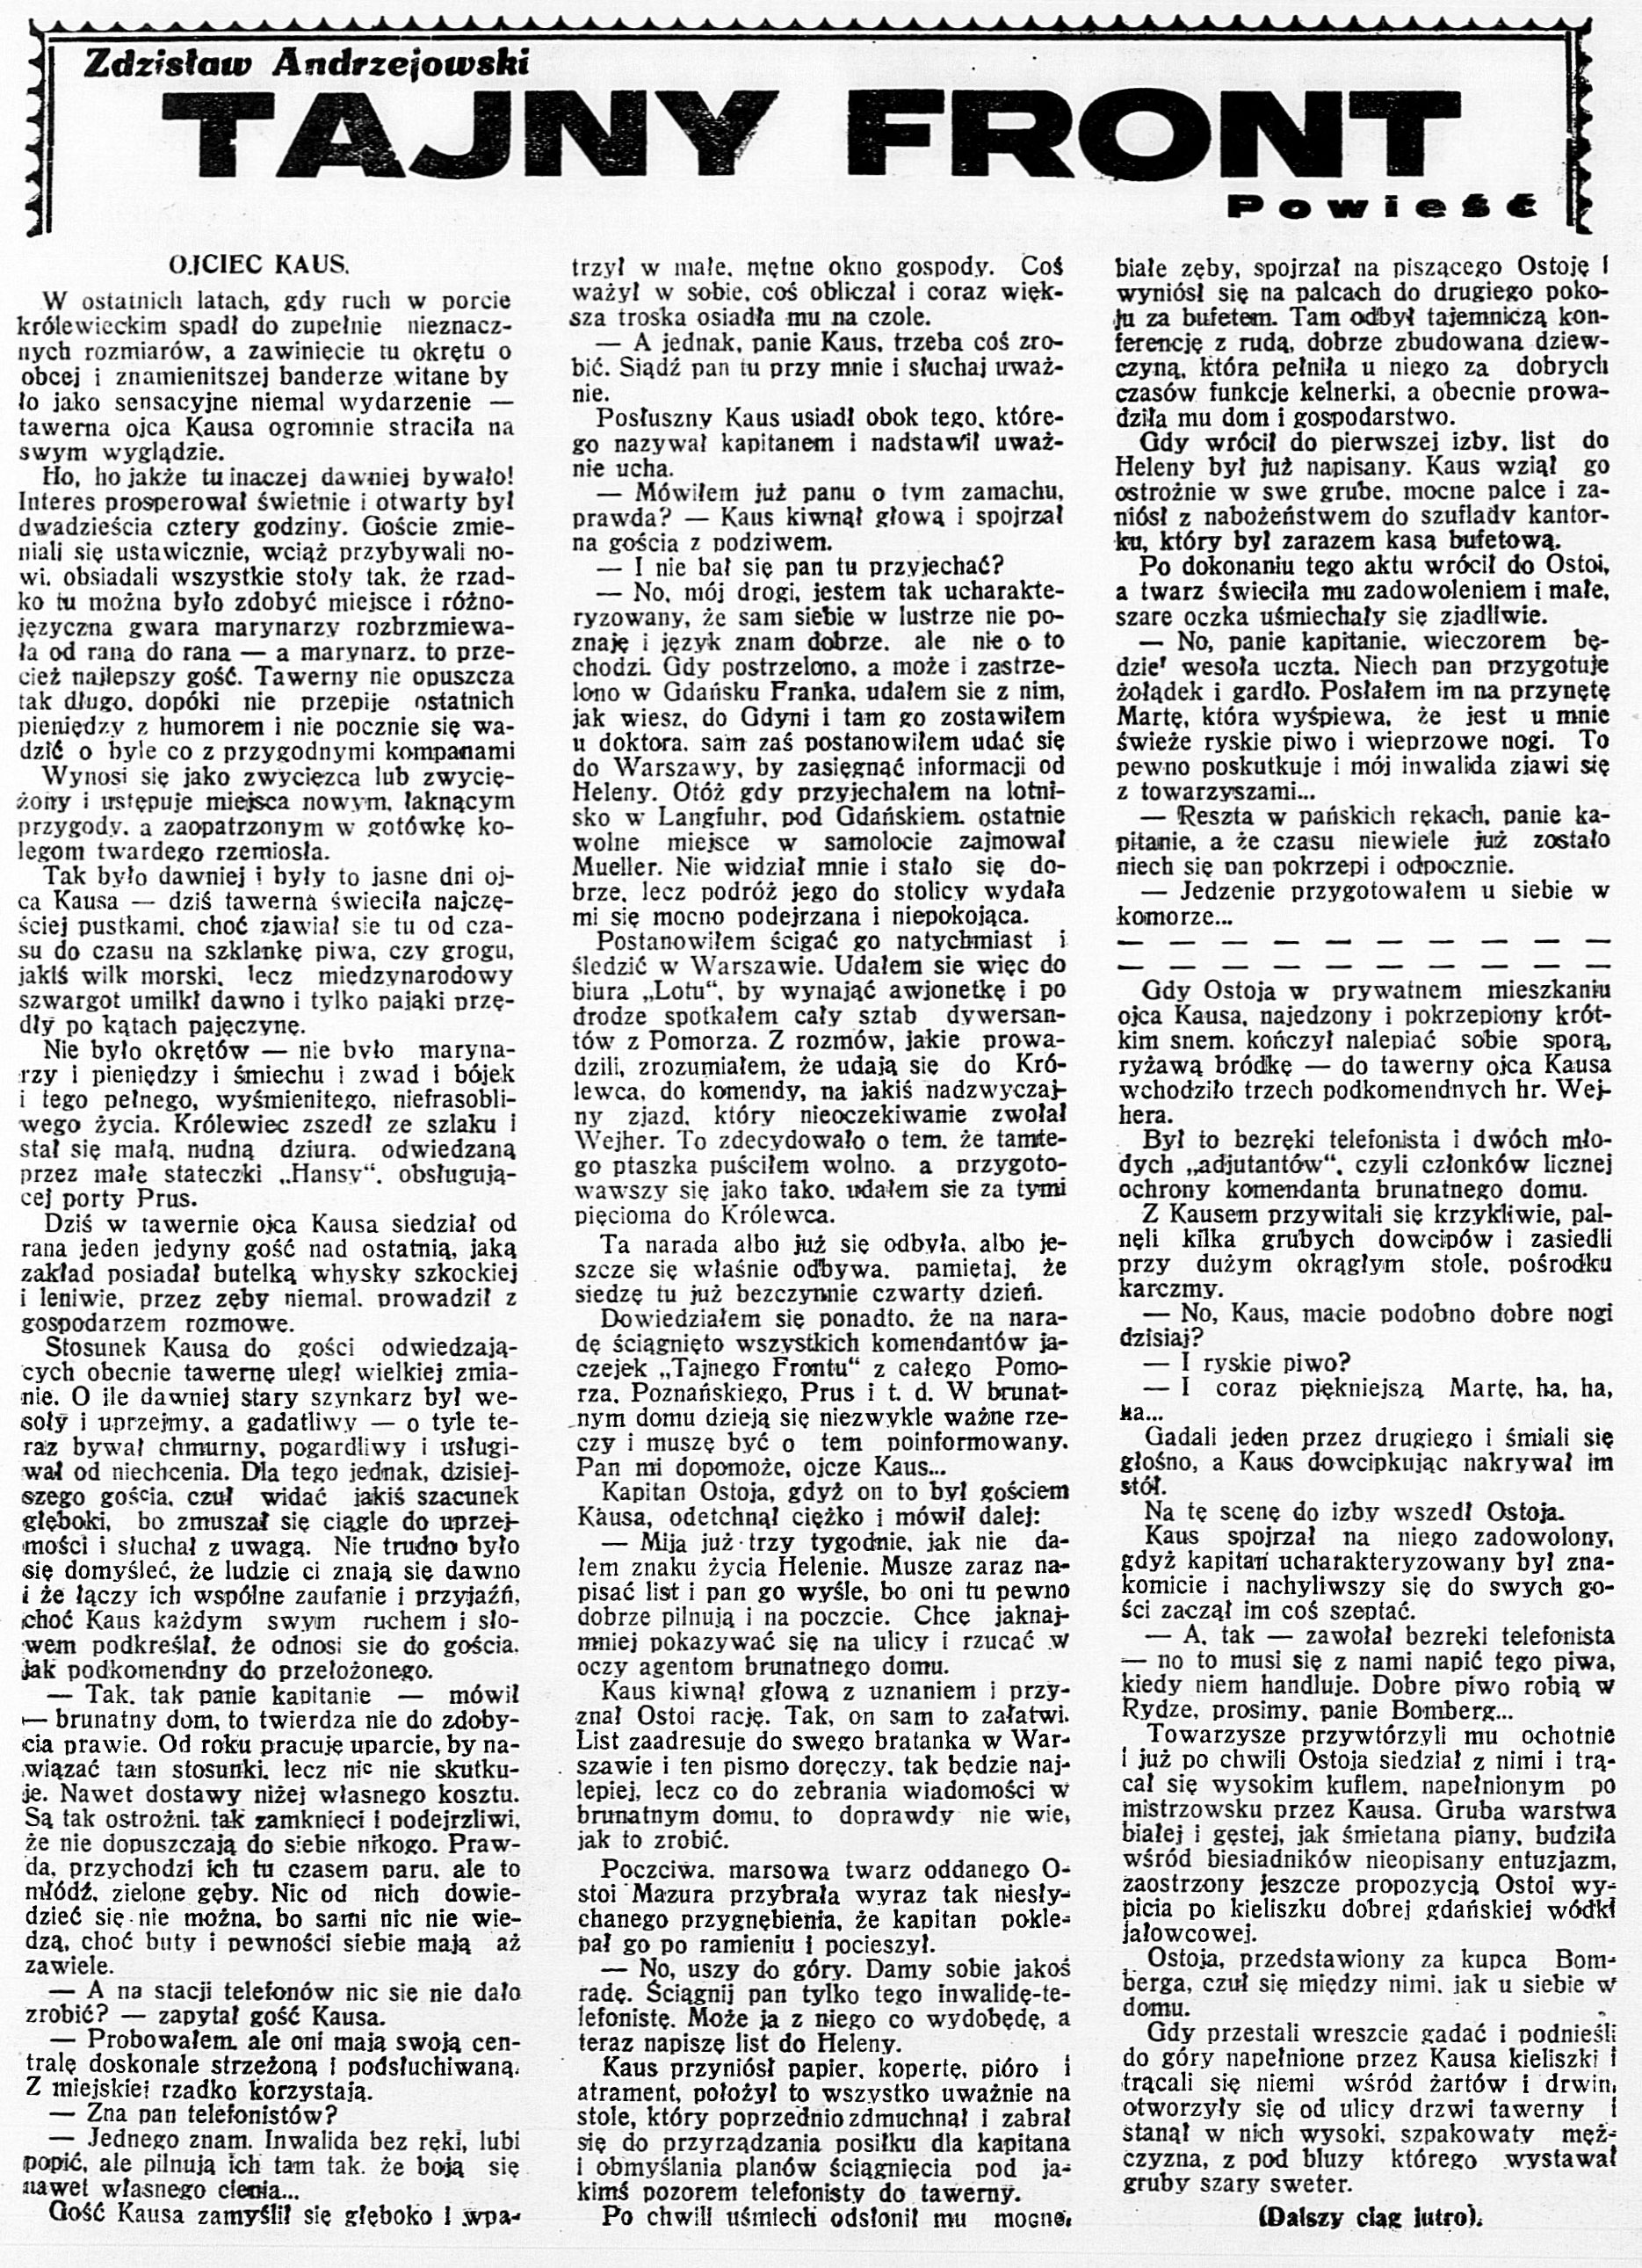 Tajny front / Zdzisław Andrzejewski // Dzień Dobry. - 1932, nr 170, s. 6